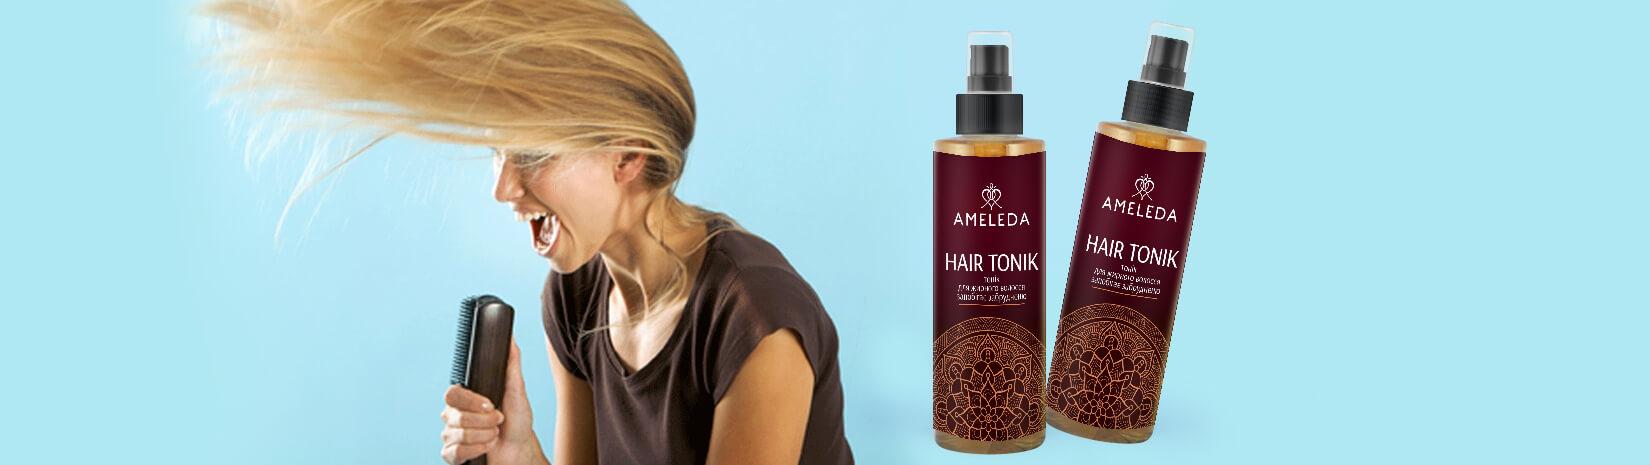 Зачем и почему нужны тоники для волос?